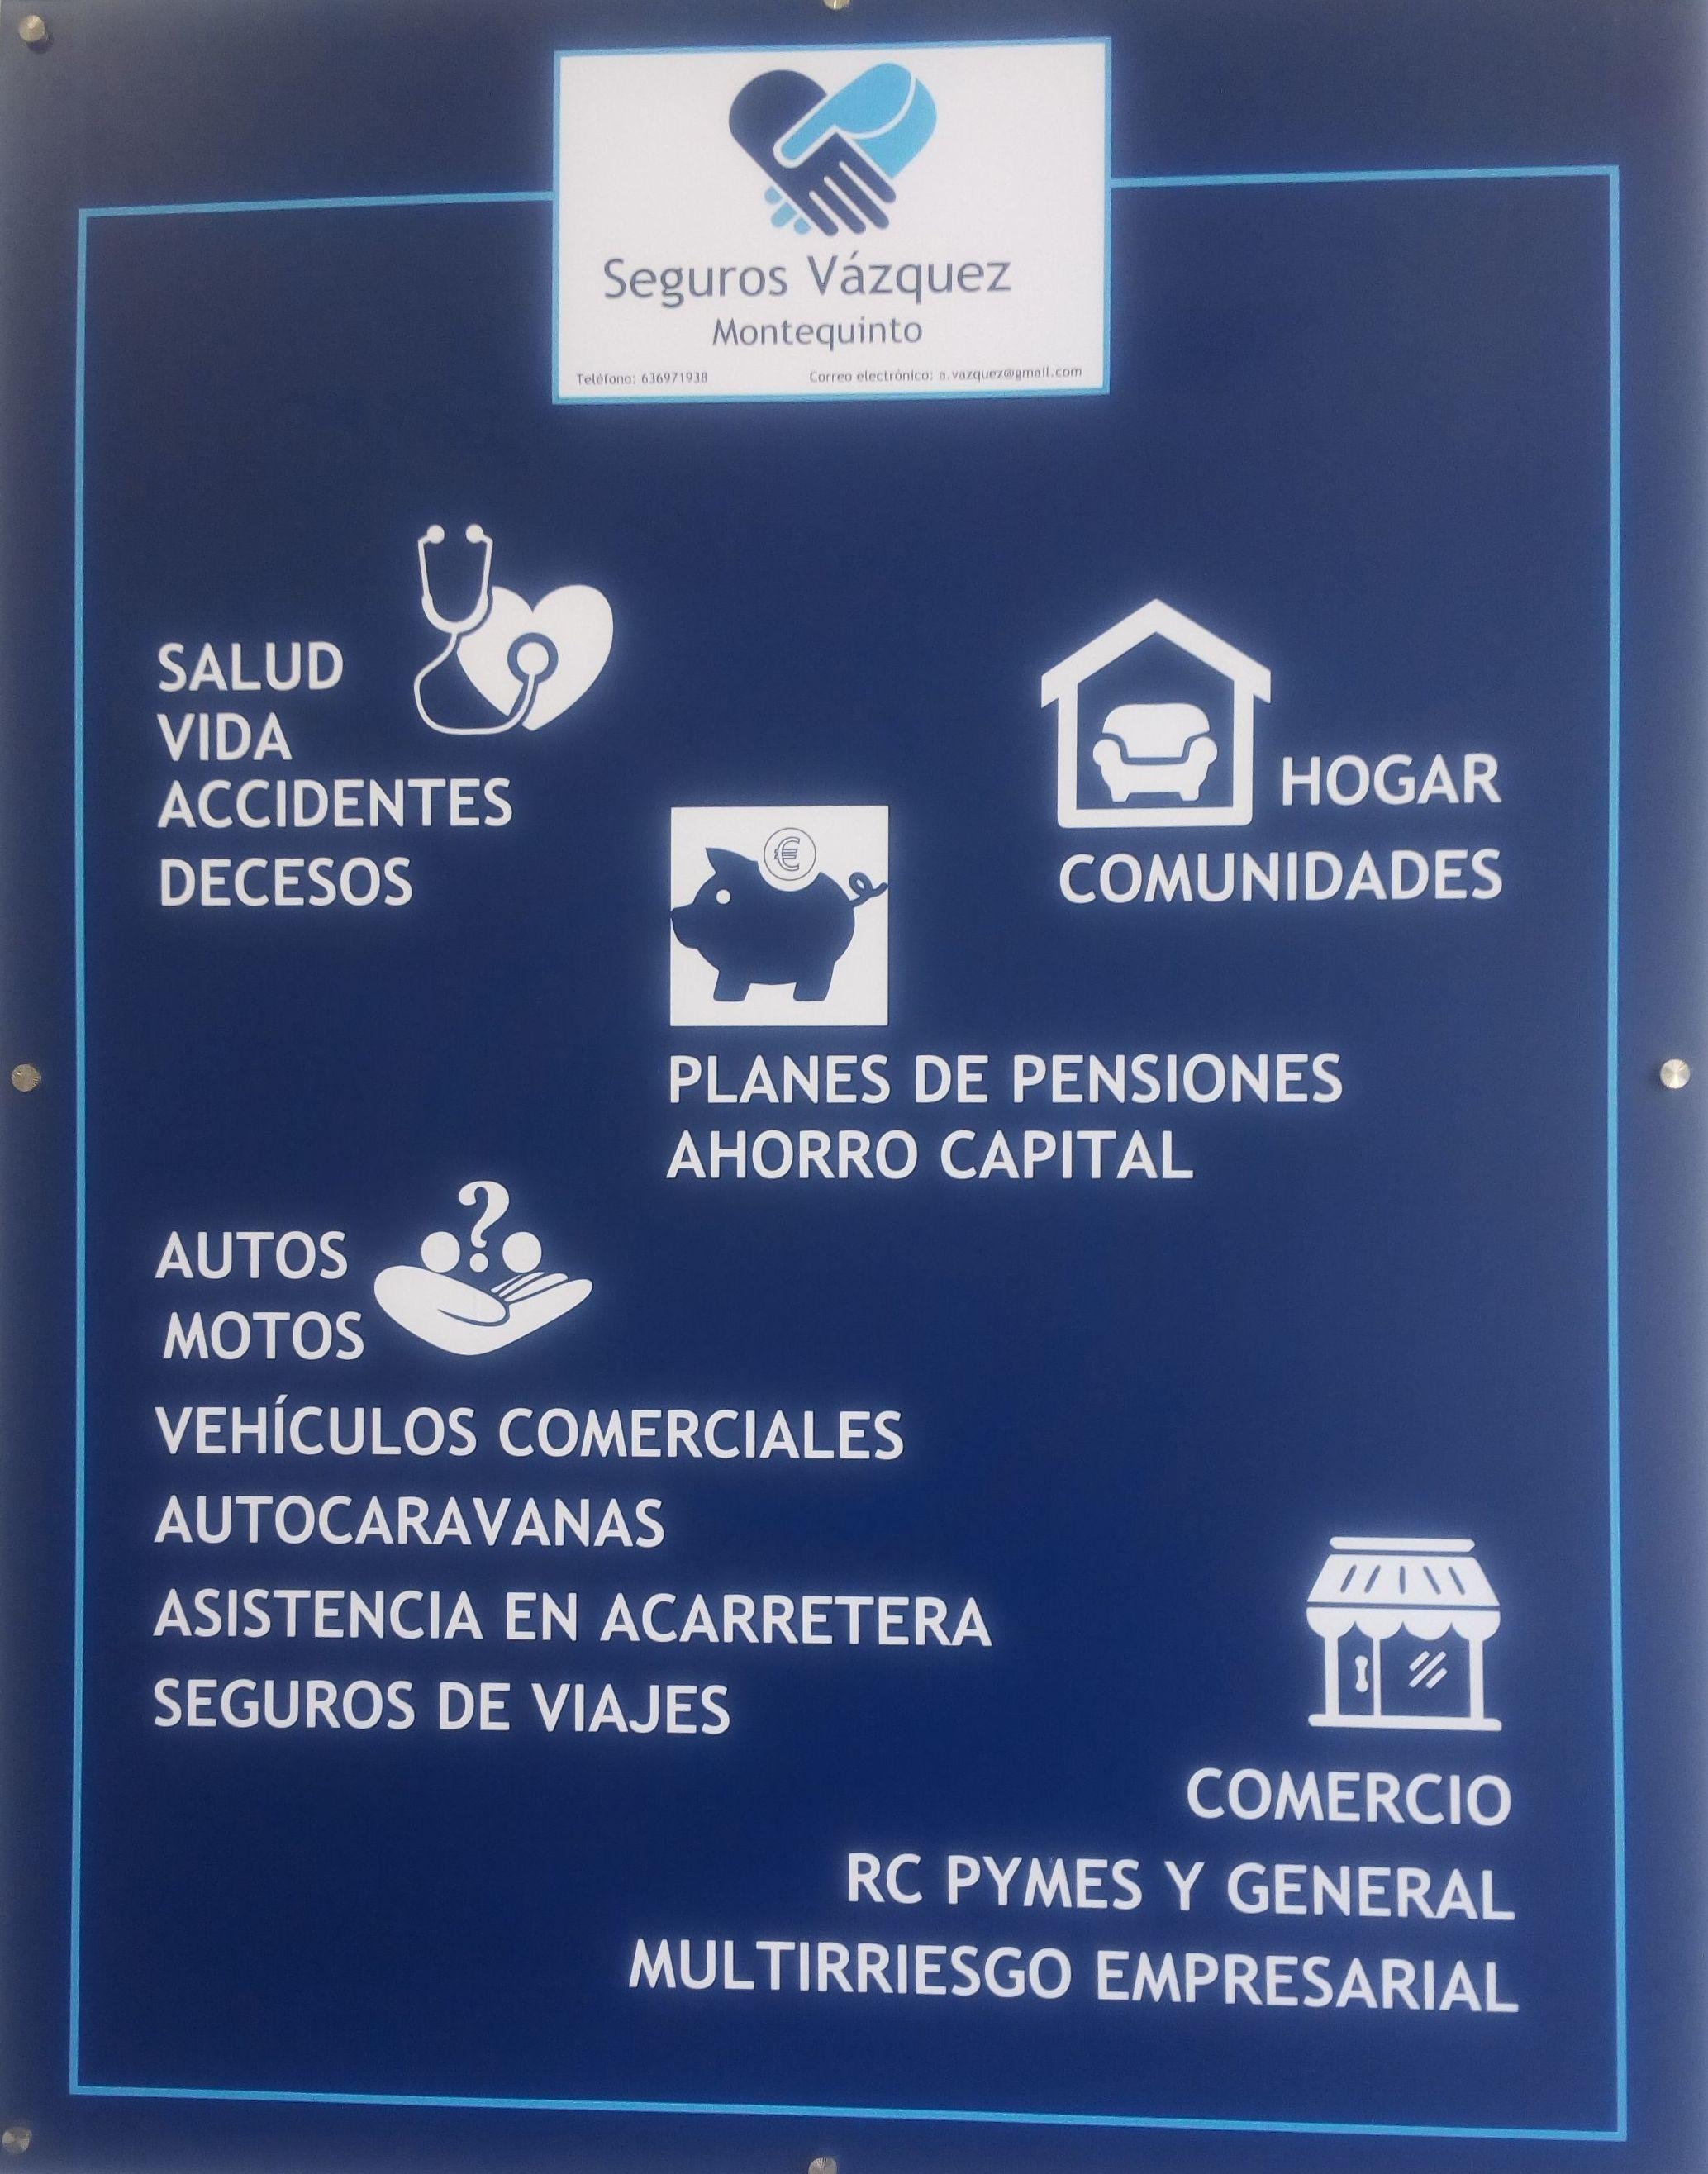 Foto 9 de Asesoría y correduría de seguros en  | Seguros Vázquez Montequinto